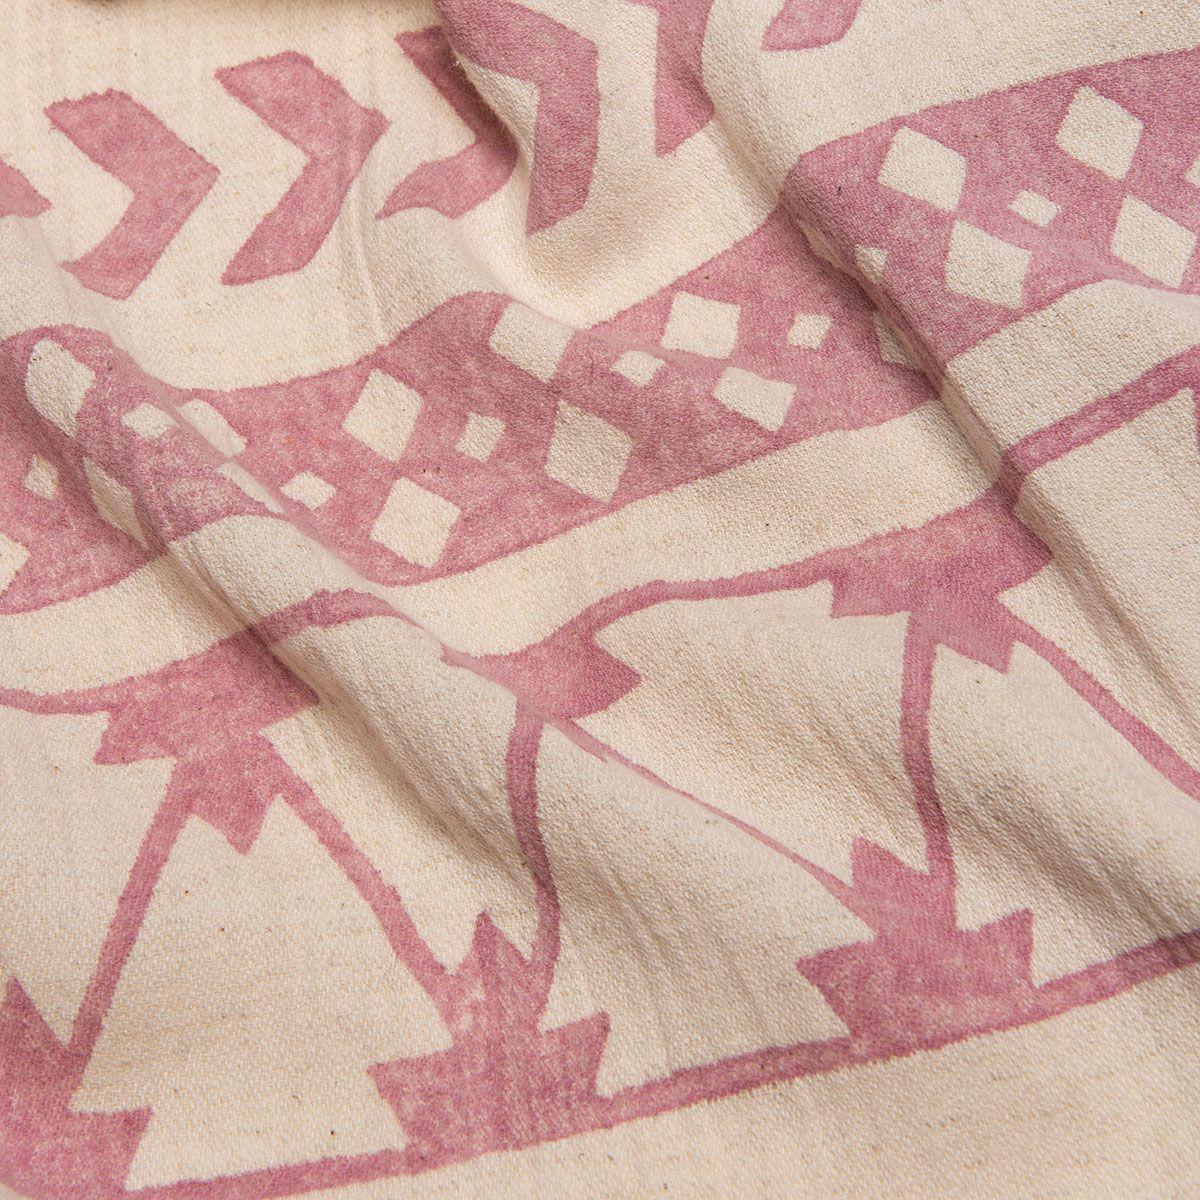 Peshtemal Hand printed 06 - Dusty Rose